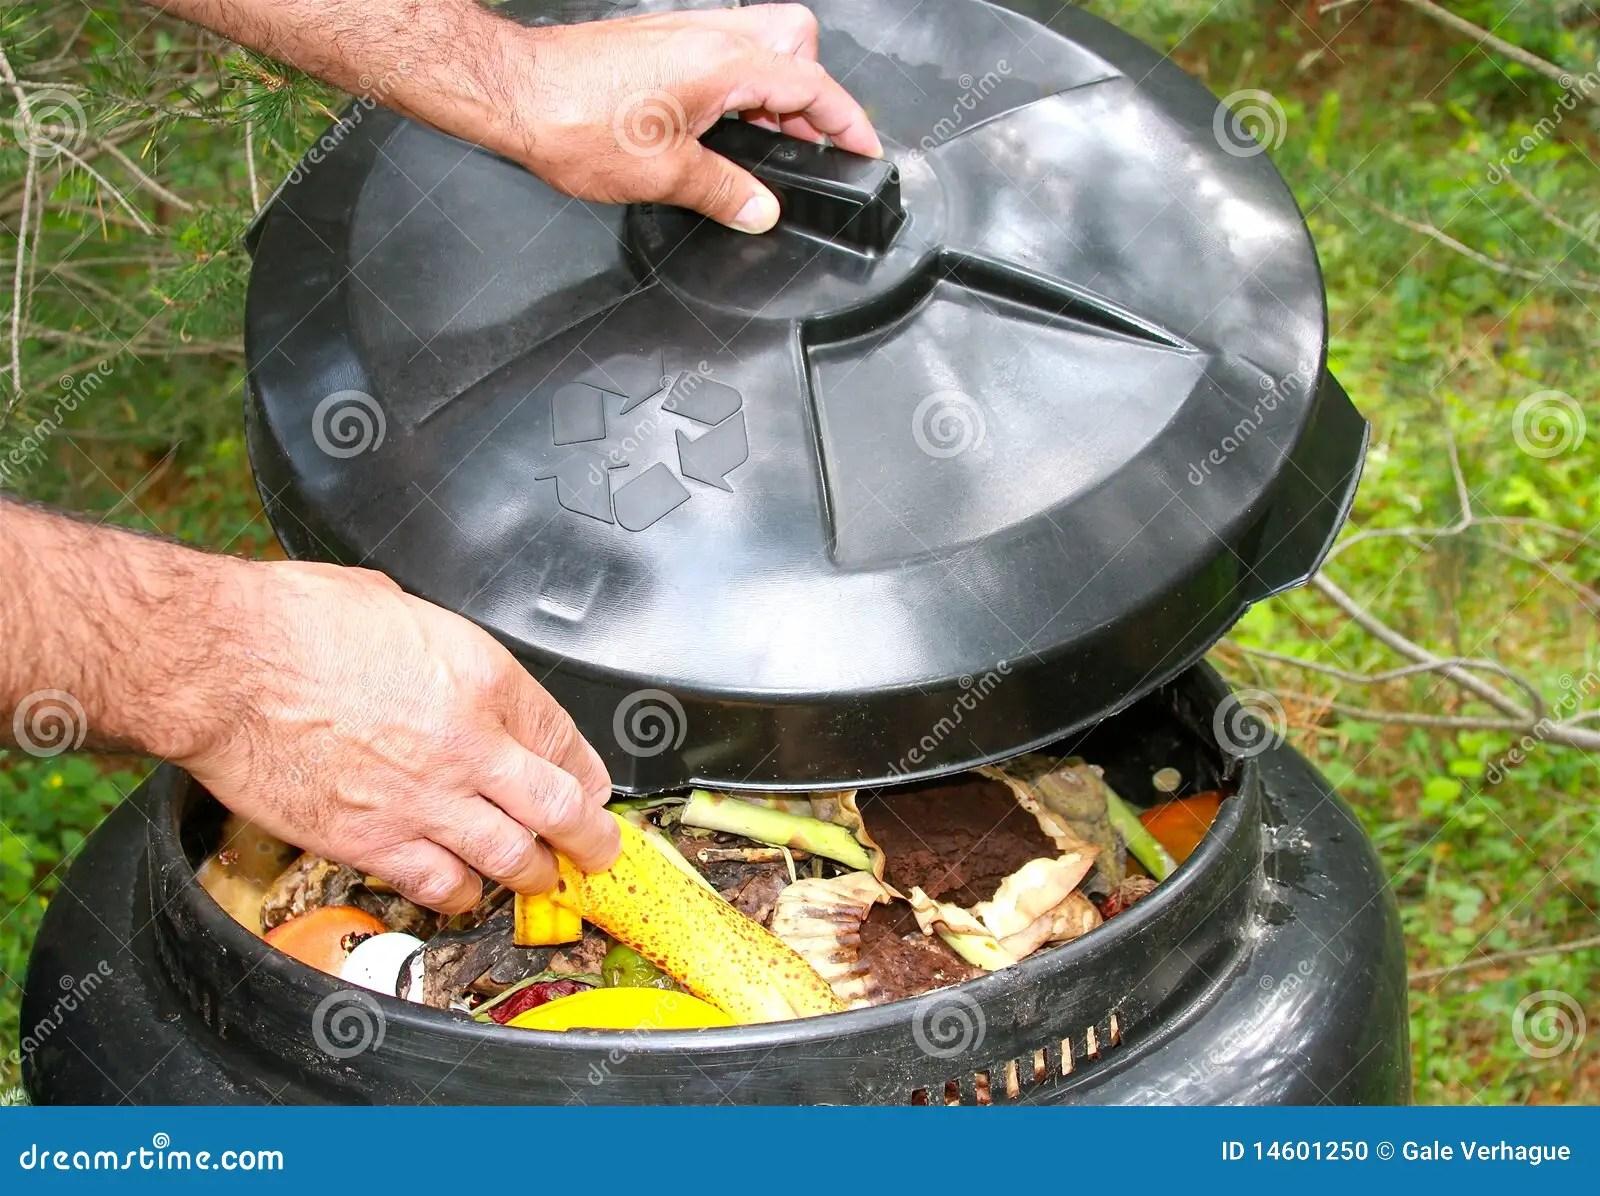 kitchen compost container cabinet ideas for kitchens 框天然肥料库存照片 图片包括有管理 堆肥 庭院 农夫 厨房 天然肥料 堆肥容器转换肥料庭院有机对使用的浪费